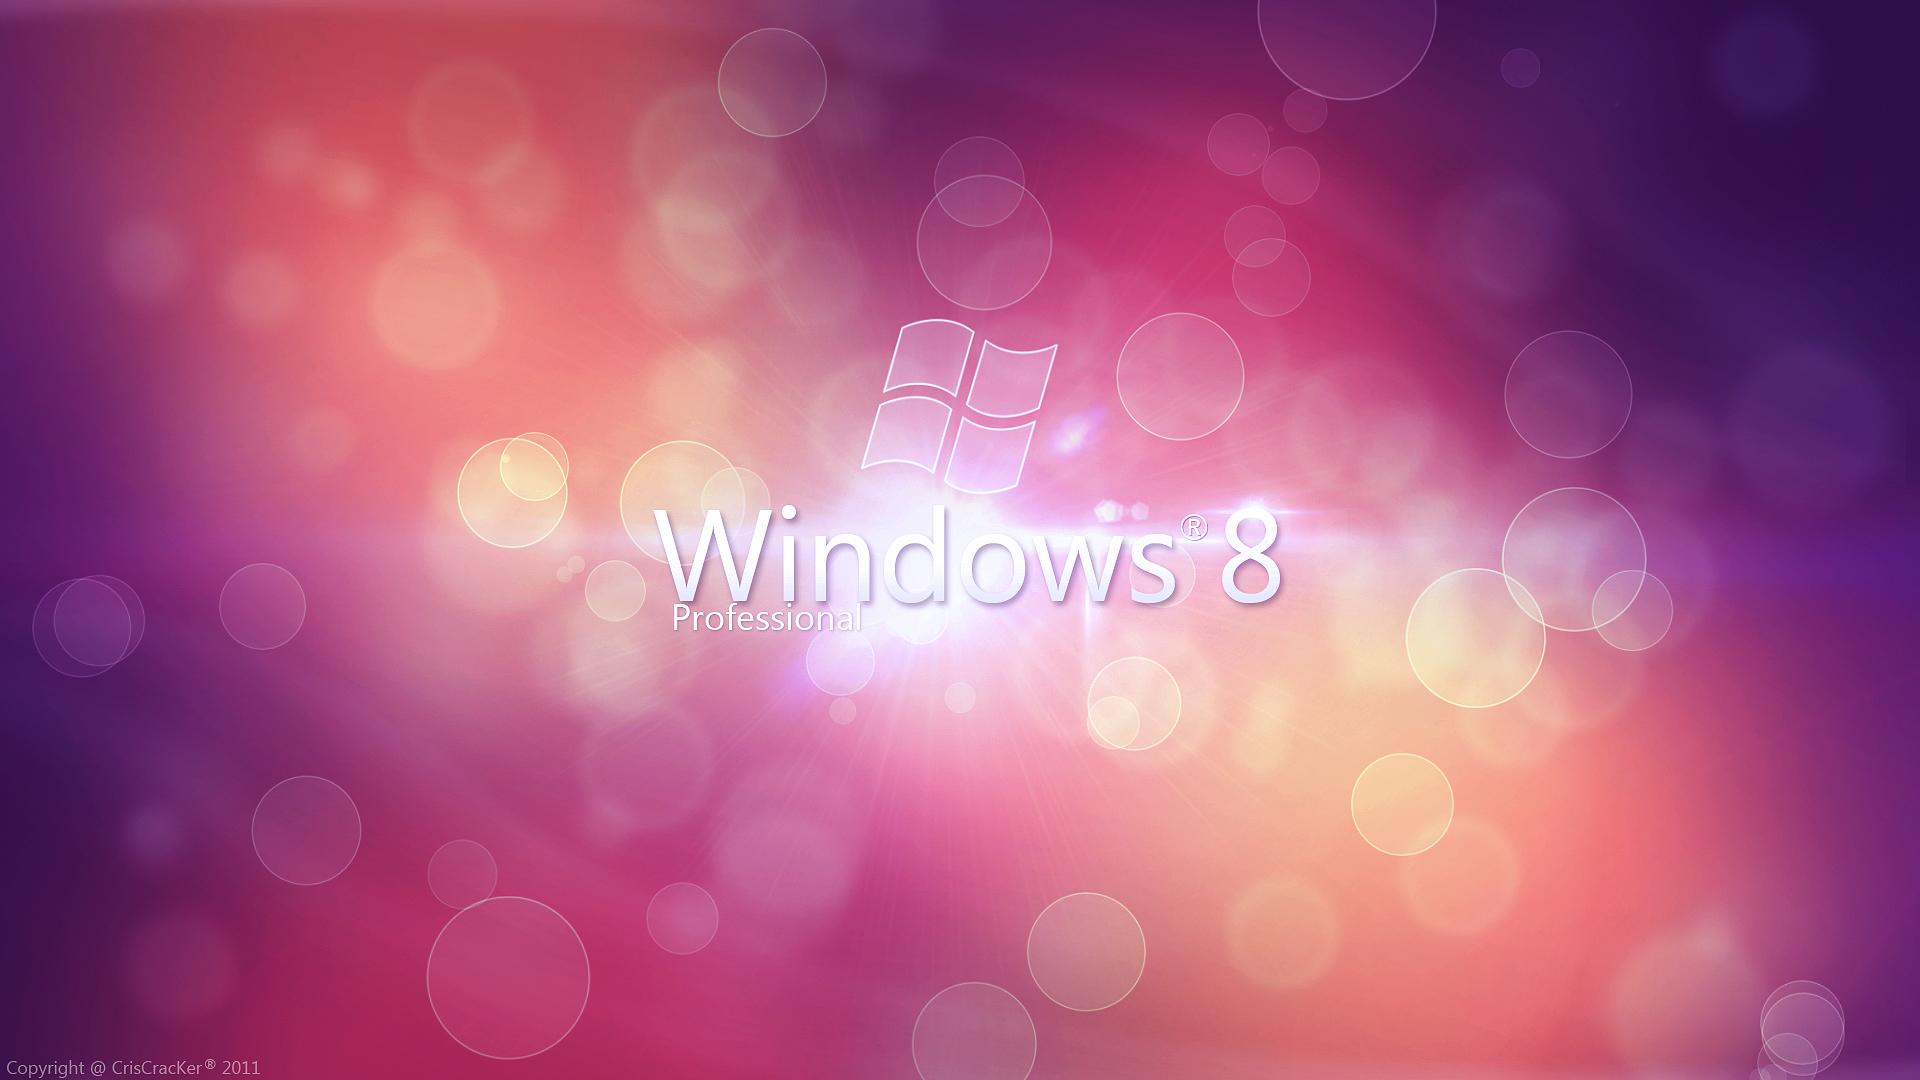 Windows 8 Wallpaper by criscracker